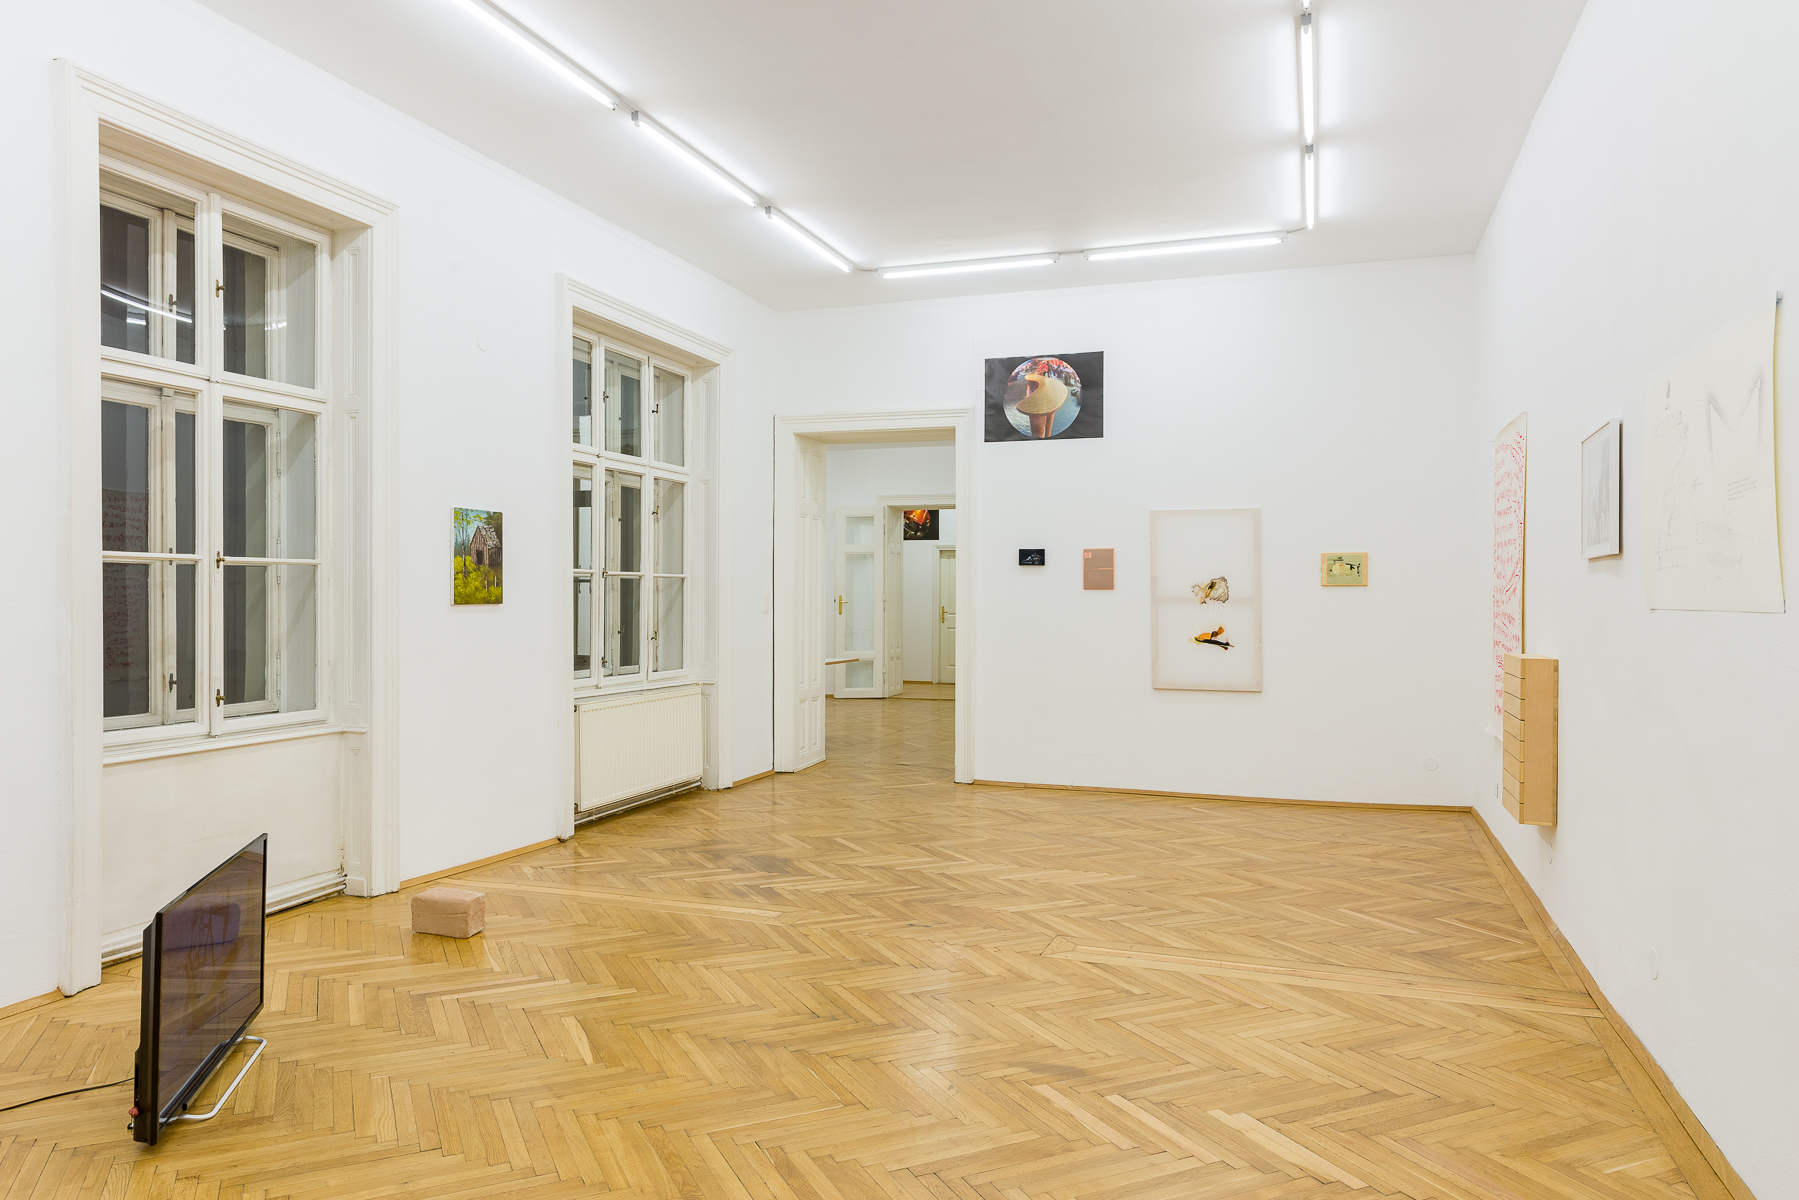 2019_03_13_Groupshow_Felix-Gaudlitz_kunst-dokumentation-com_050_web.jpg